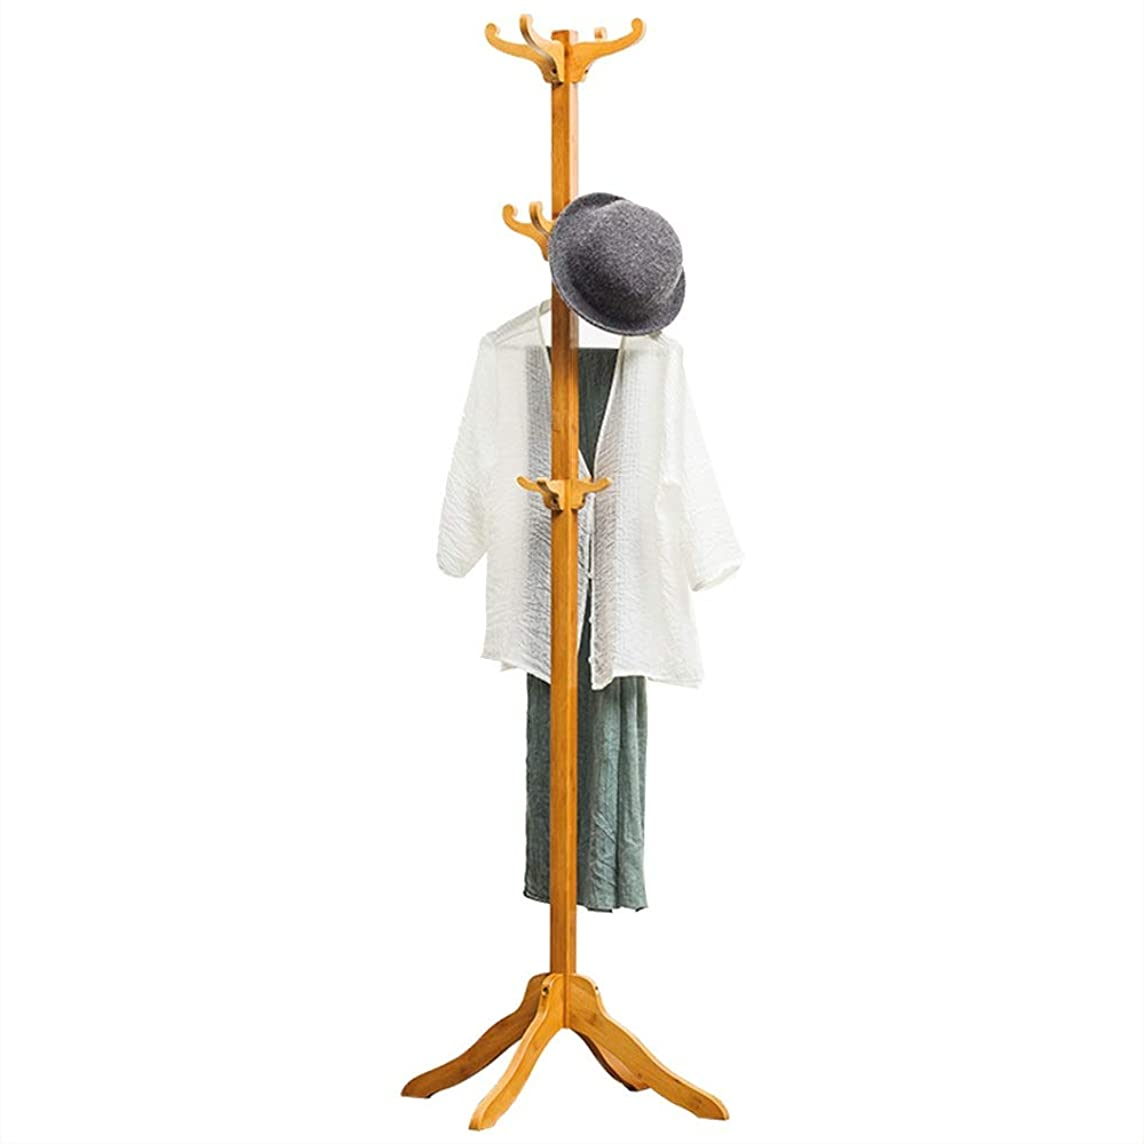 オーディションお父さんコートラック 12フック木製帽子コートラック服ジャケット収納ハンガーオーガナイザー 傘立て付きフロアキャップとコートラック (色 : Primary color, サイズ : ワンサイズ)